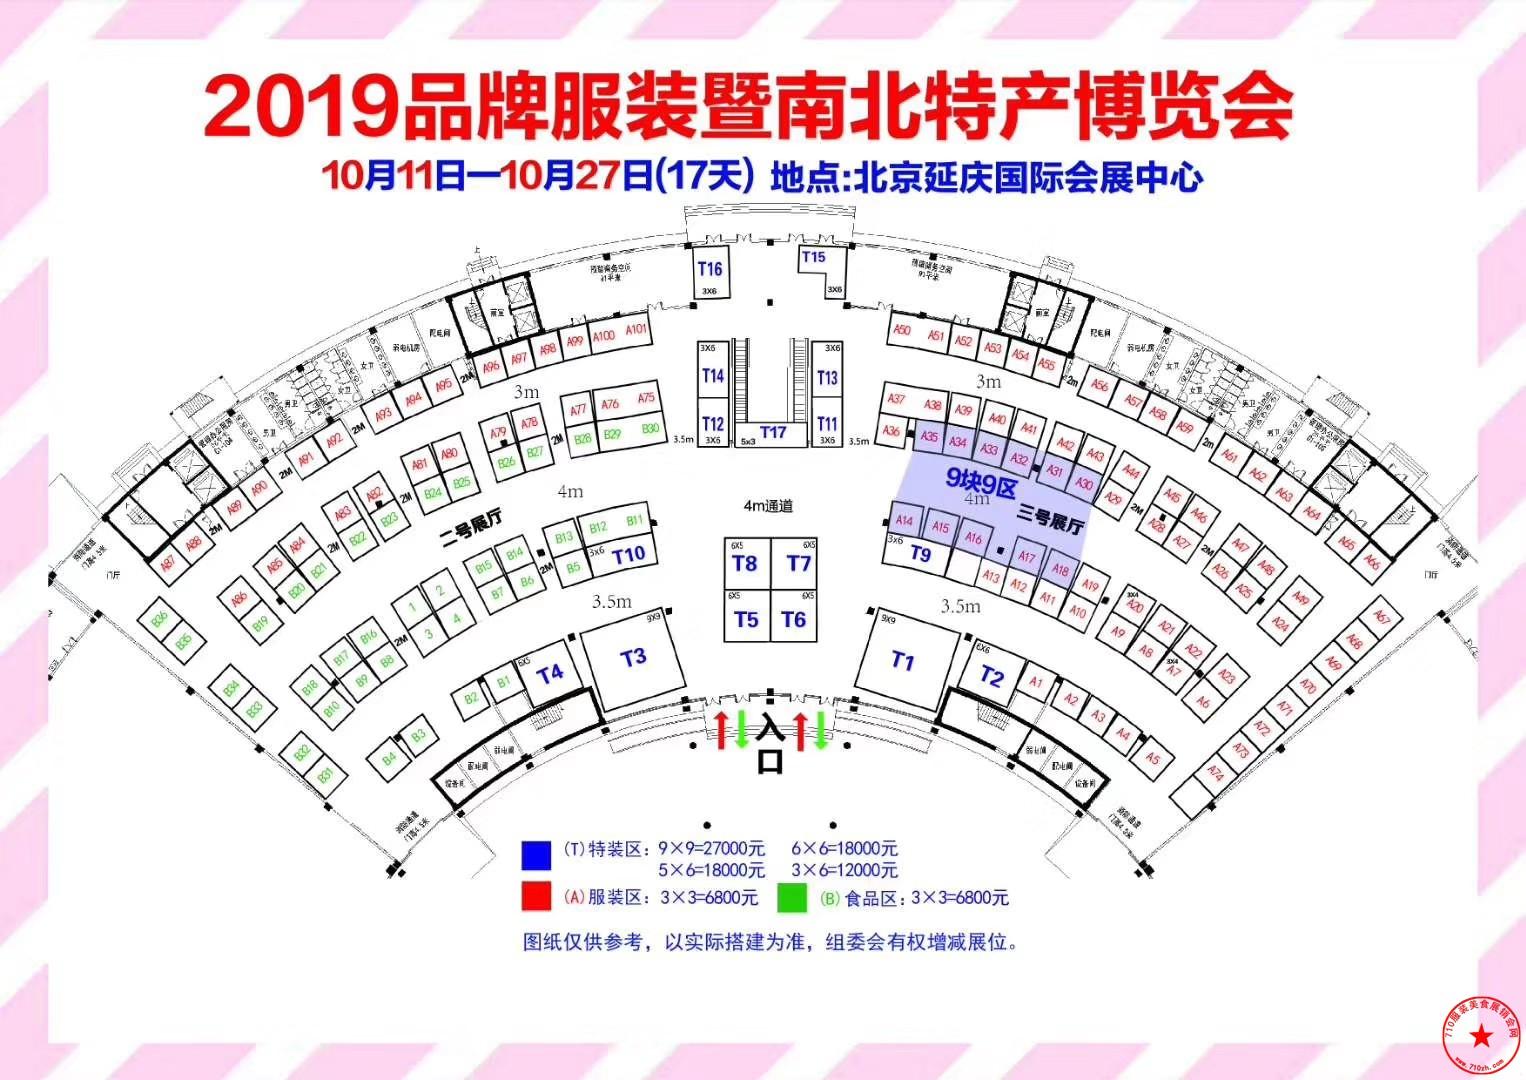 北京延庆国际会展中心展位图